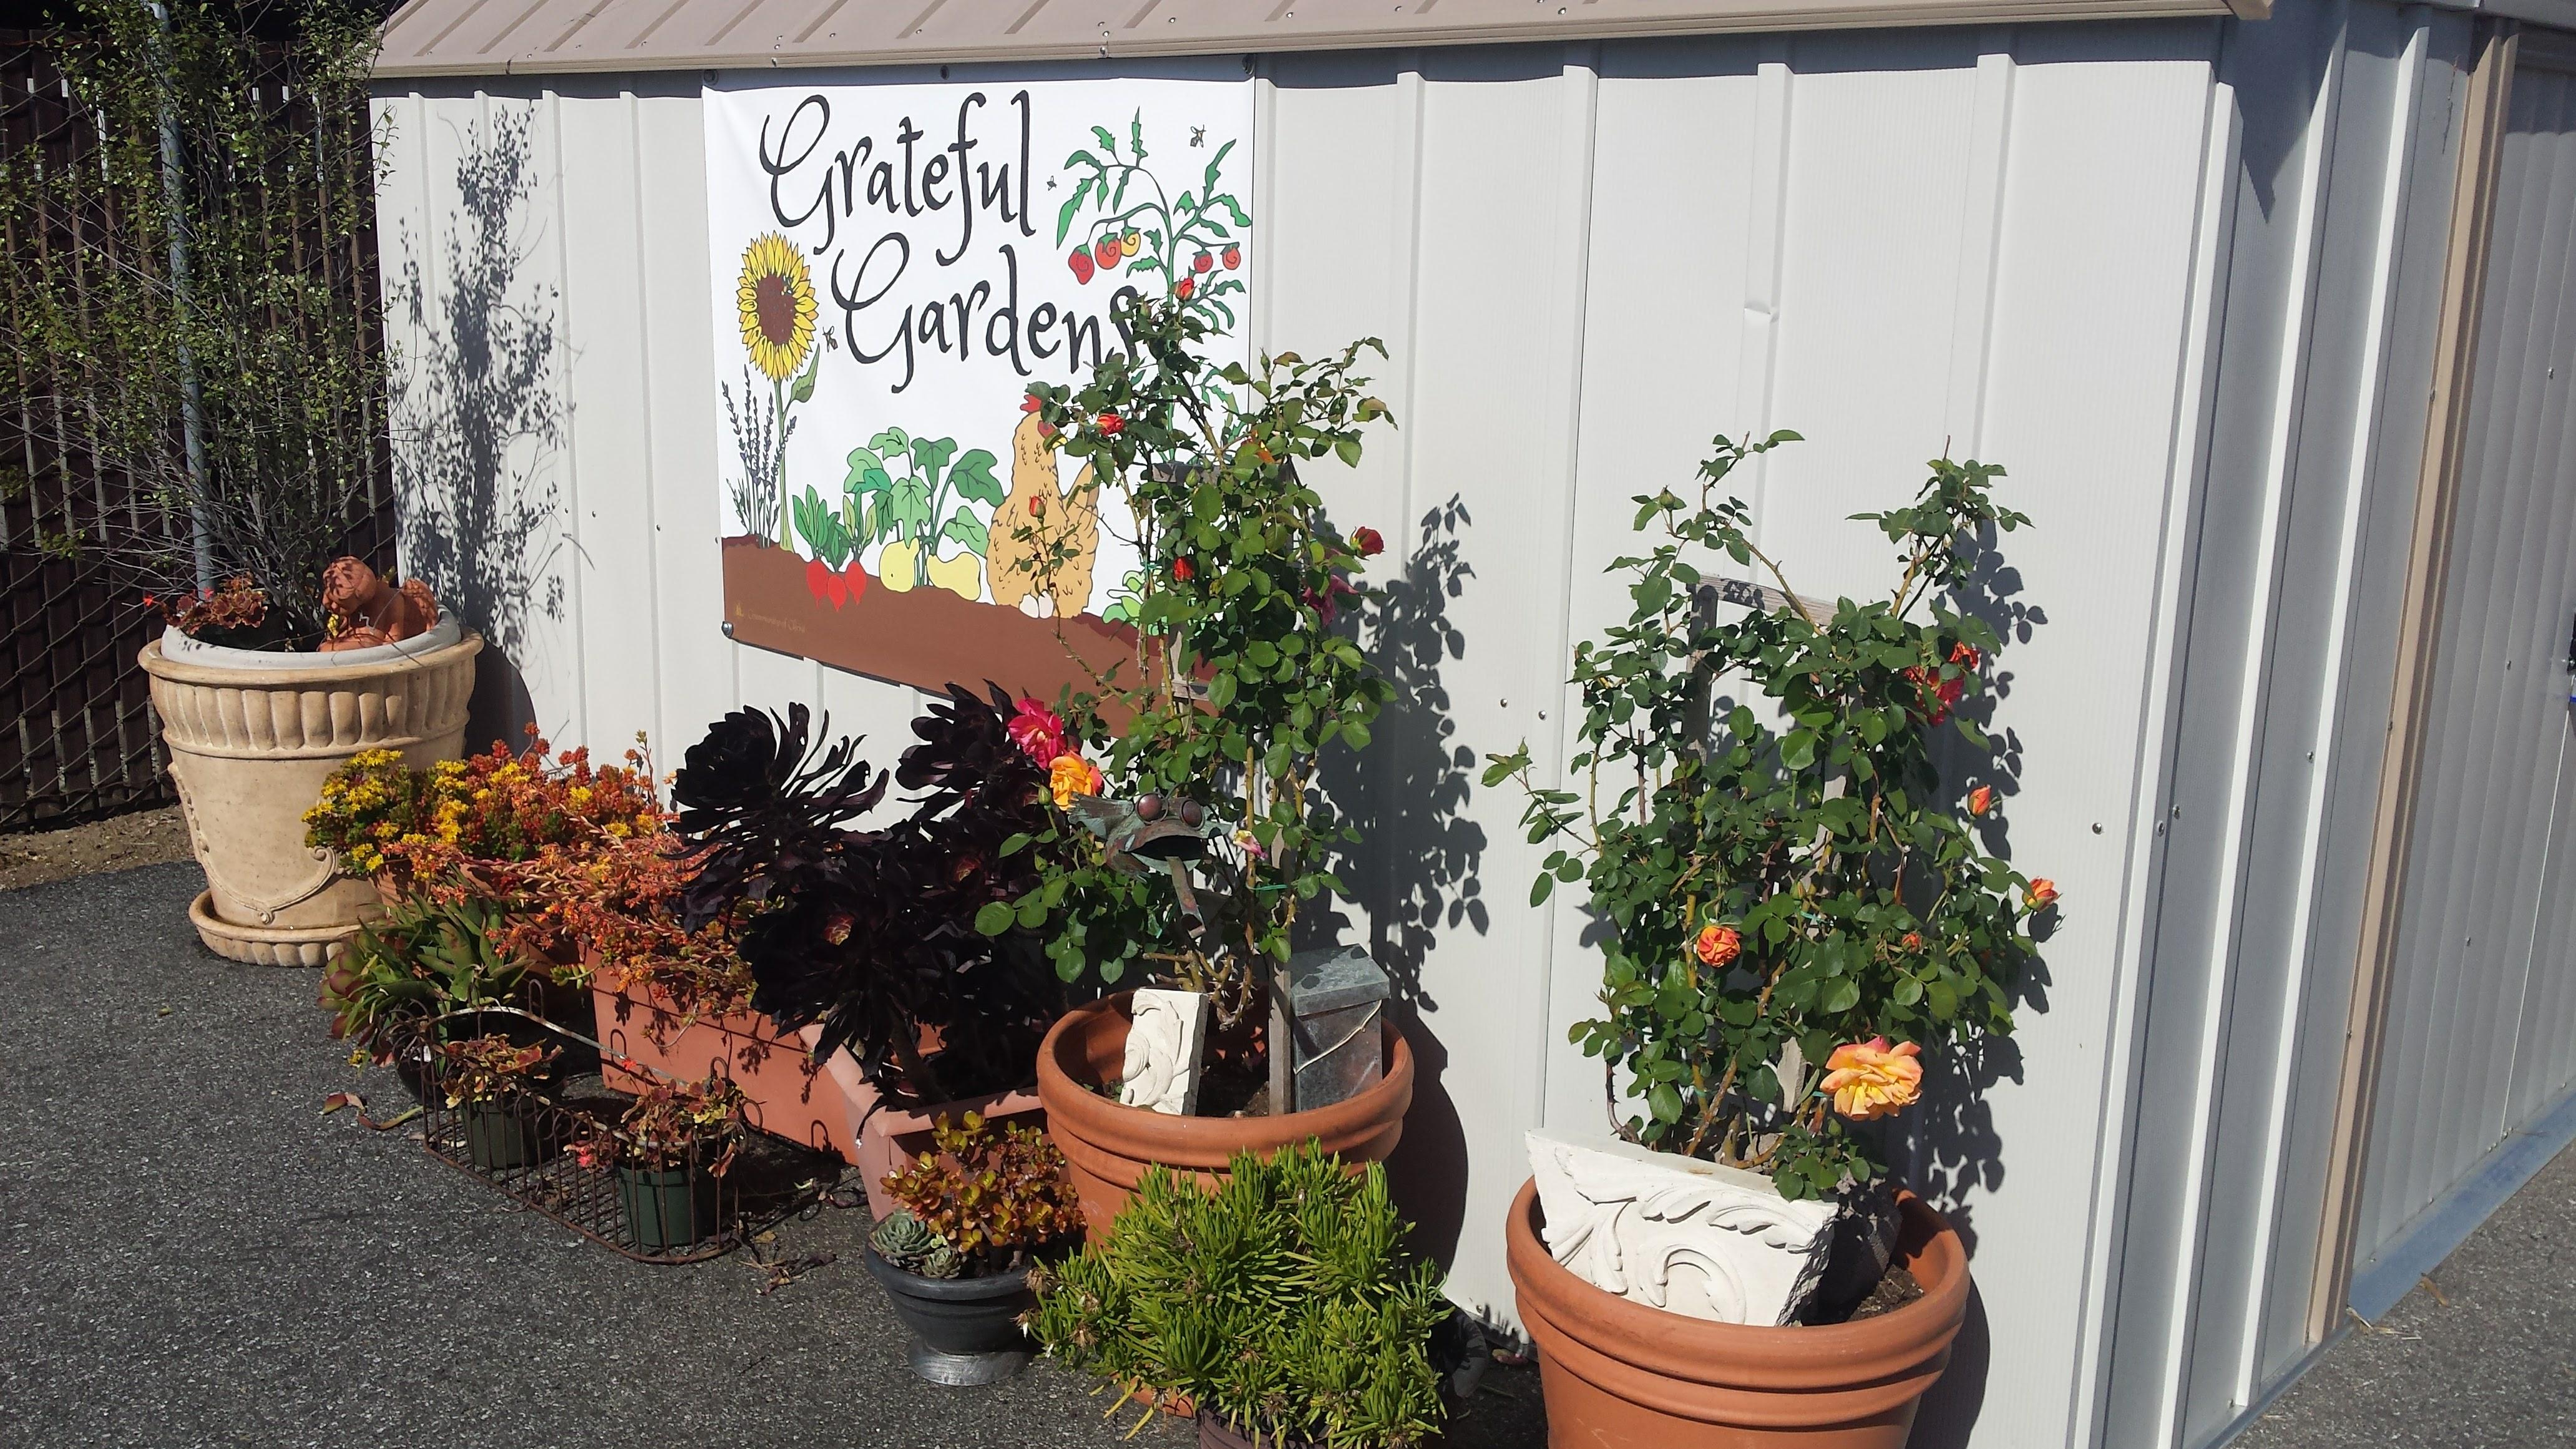 Grateful Gardens